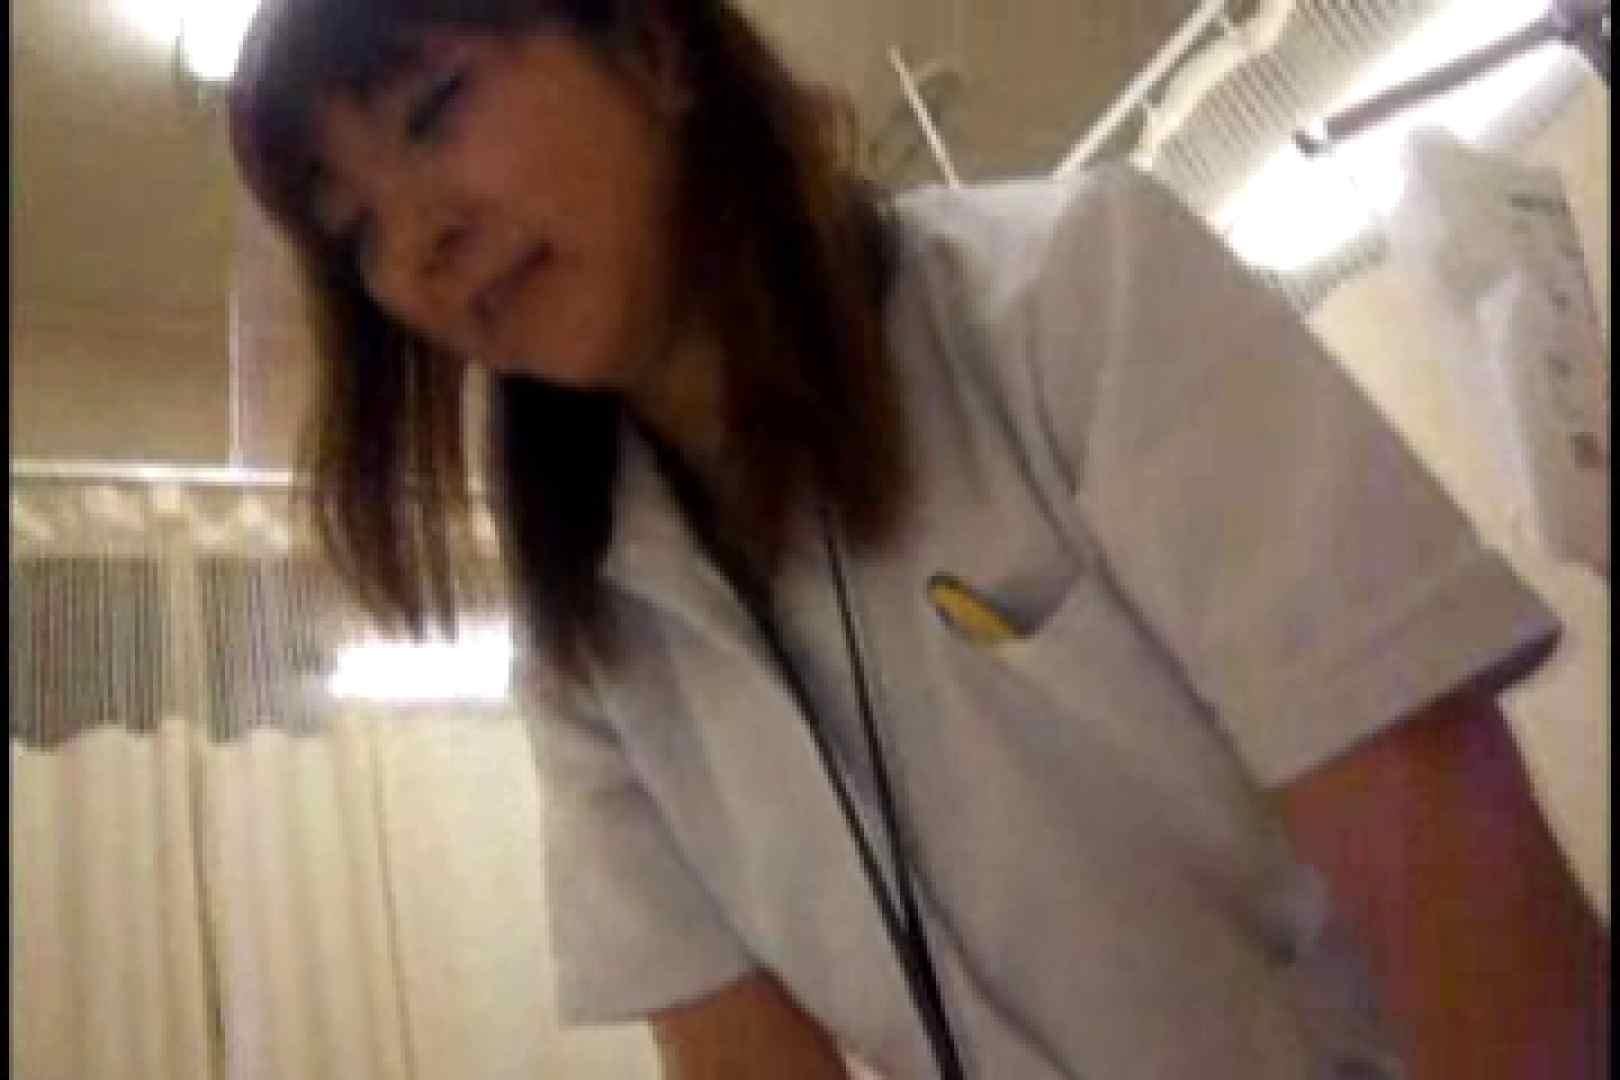 ヤリマンと呼ばれた看護士さんvol1 OLのエッチ | シックスナイン  112pic 46